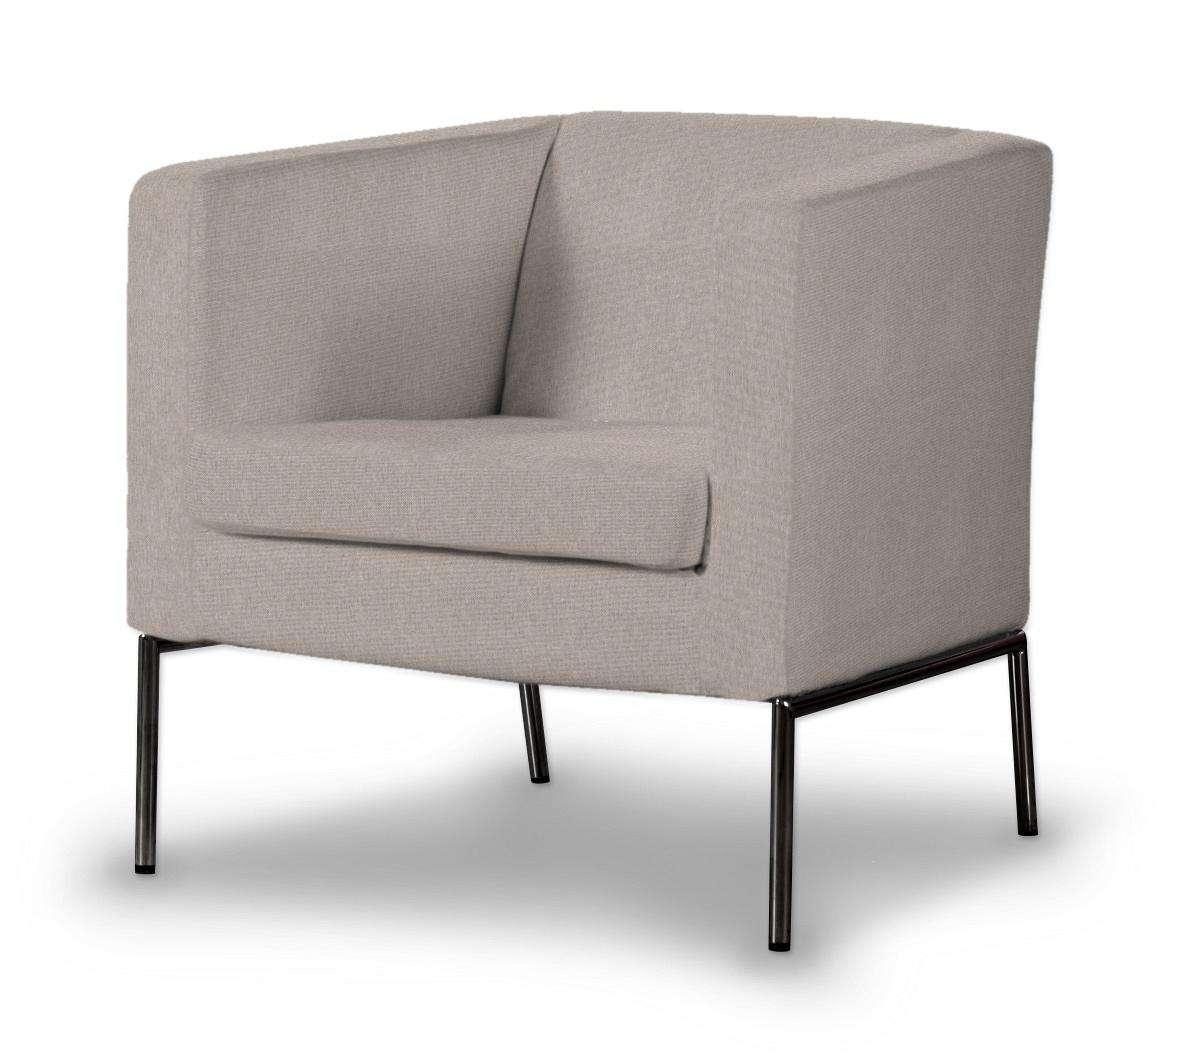 Pokrowiec na fotel Klappsta Fotel Klappsta w kolekcji Etna , tkanina: 705-09